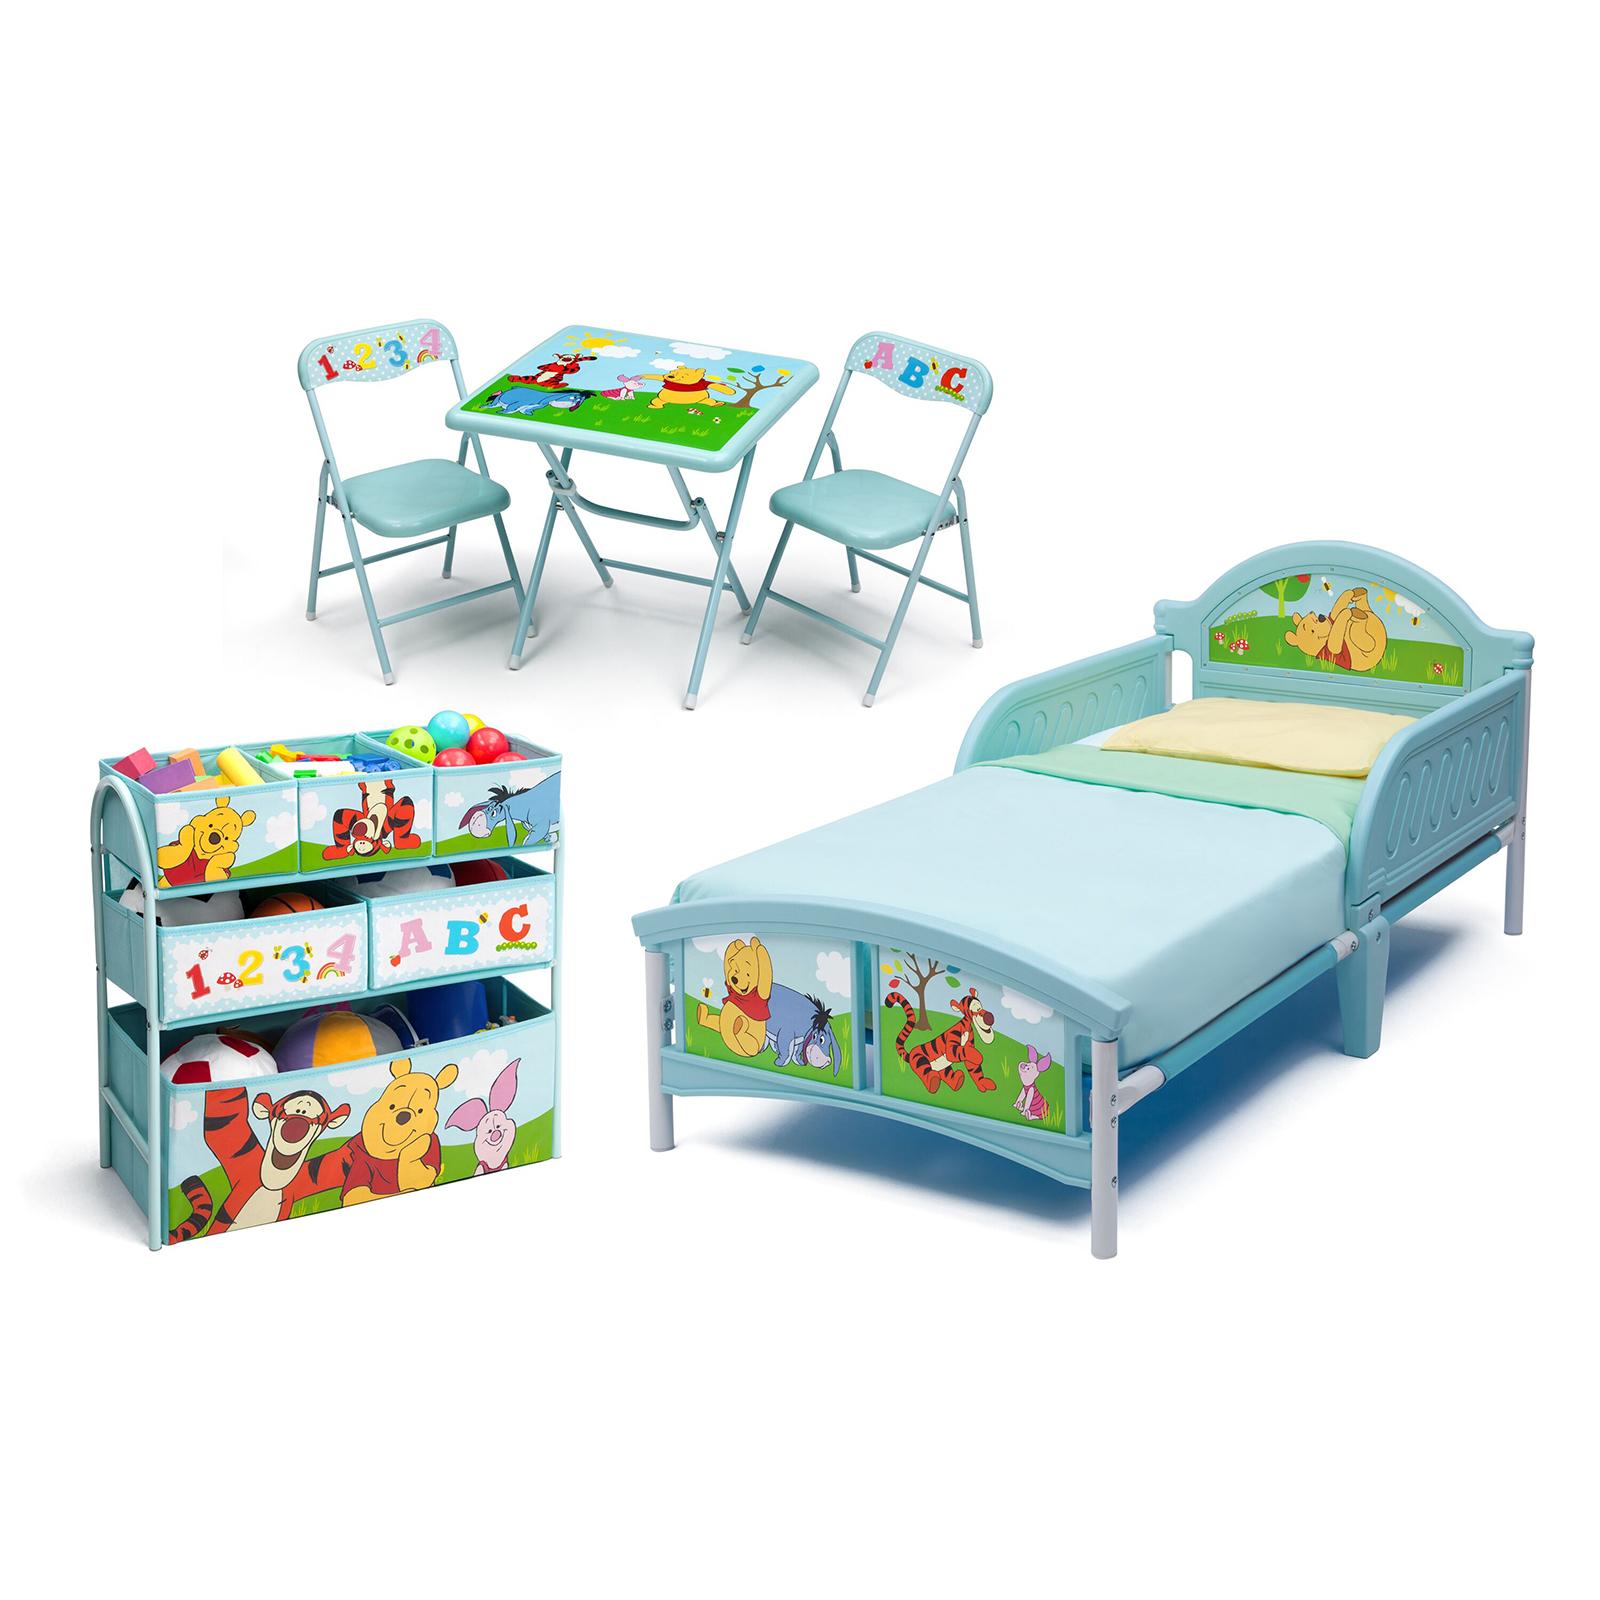 Winnie the pooh toddler bedding - Delta Children 3 Piece Room Set Winnie The Pooh